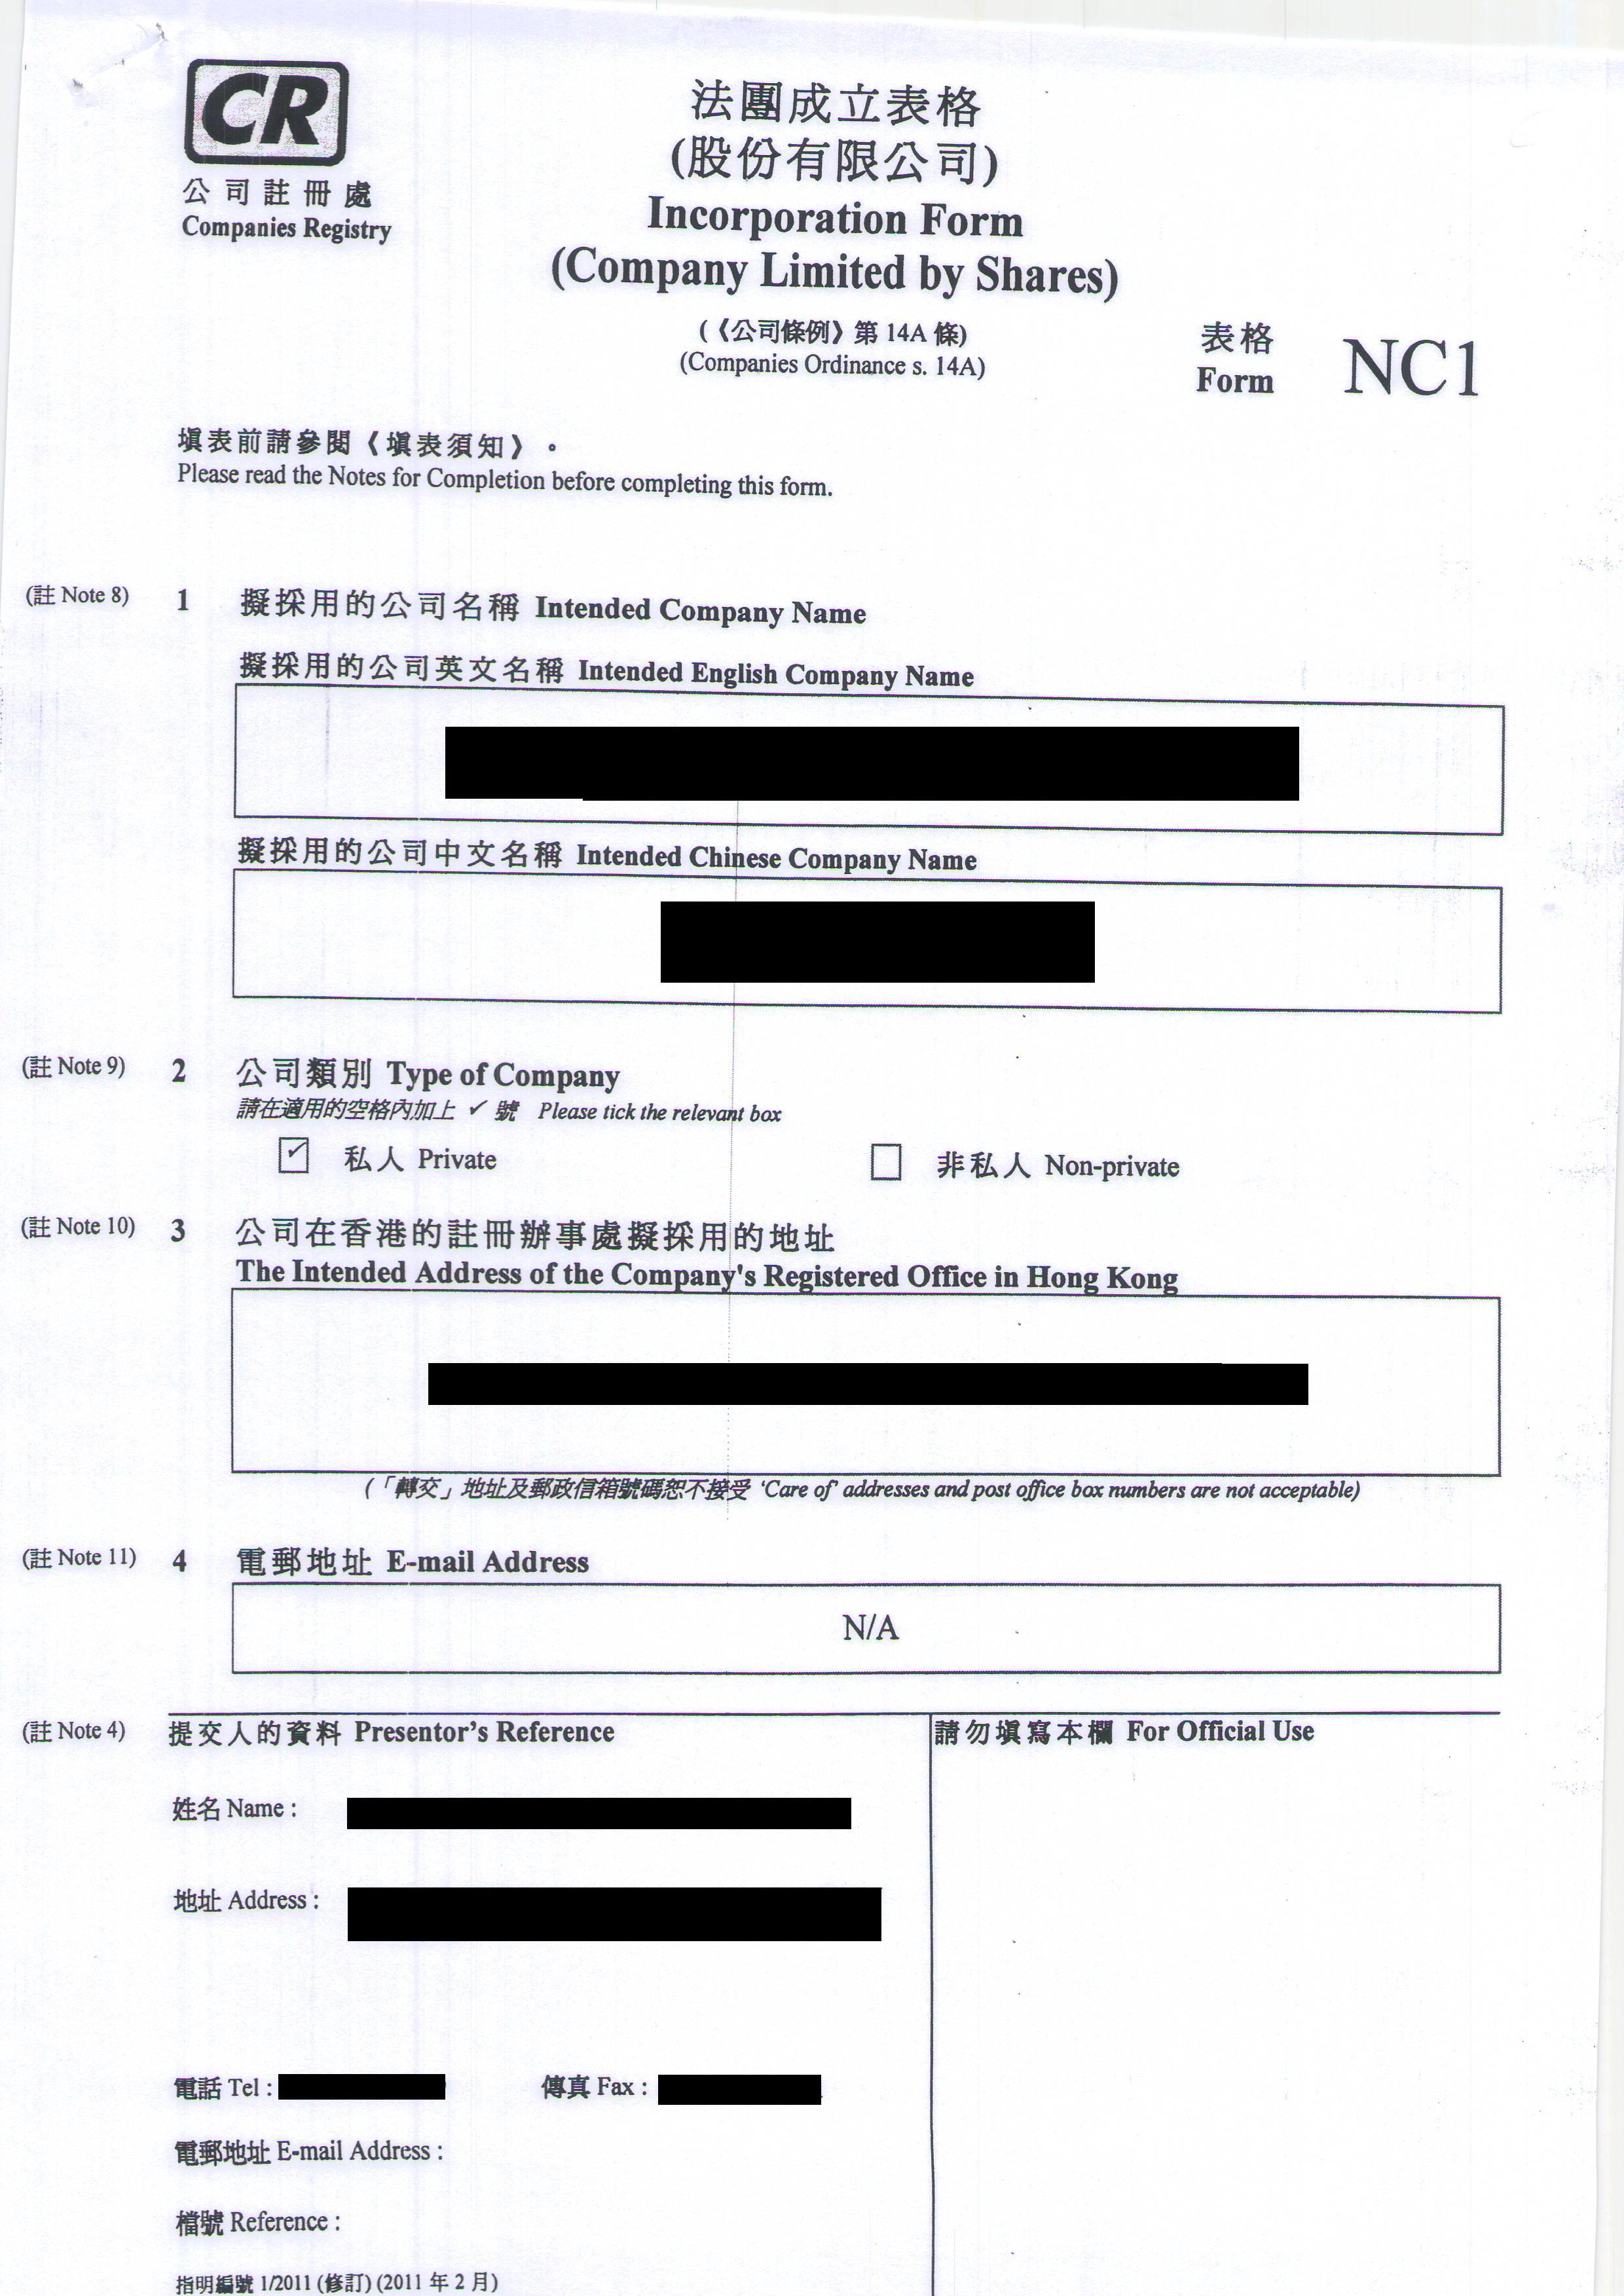 香港公司注册证书,商业登记证,印章和公司绿盒样本【图】